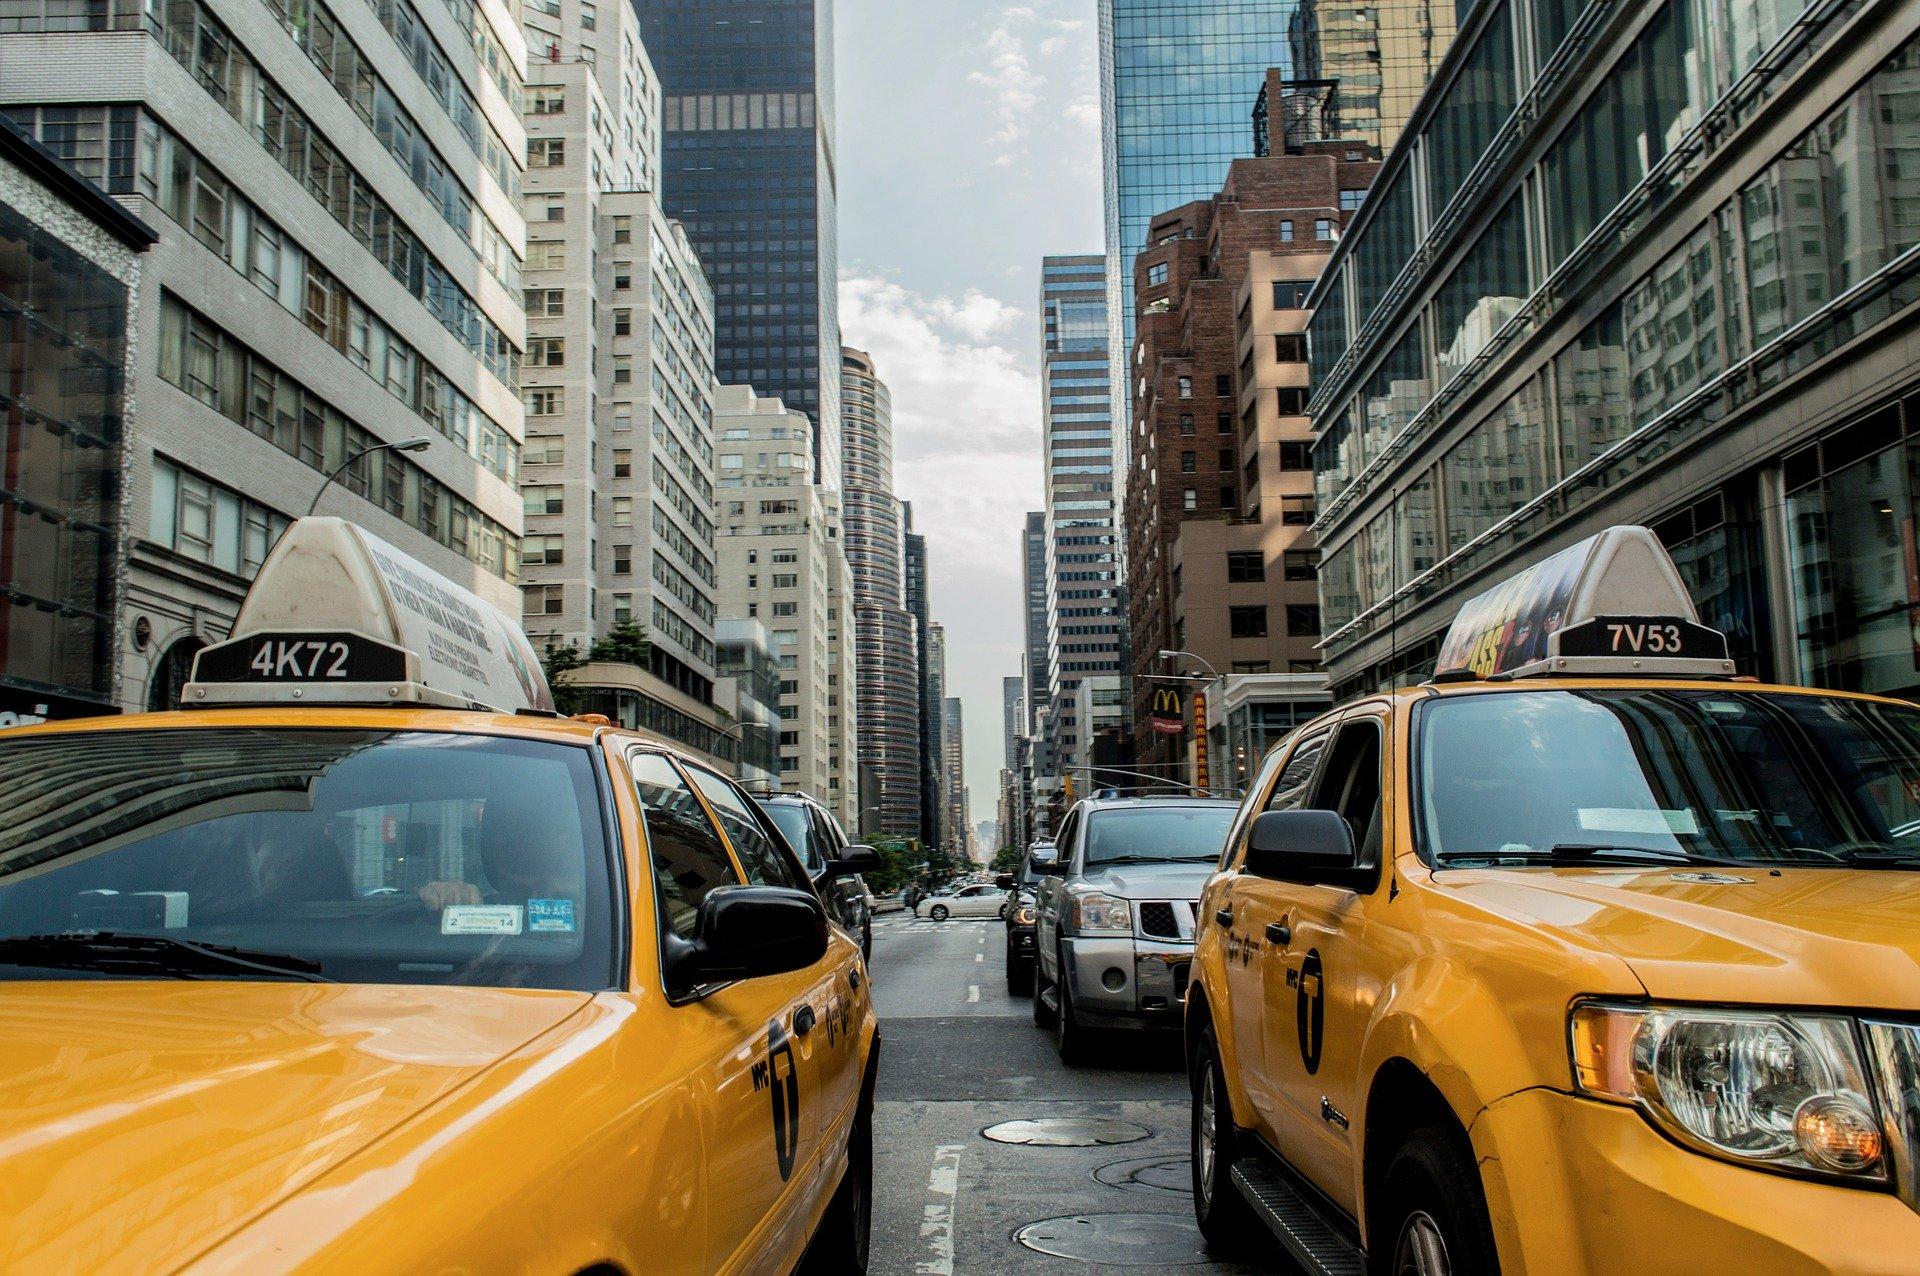 Sprachreise nach New York: Empfehlungen & Vergleich (05/21)